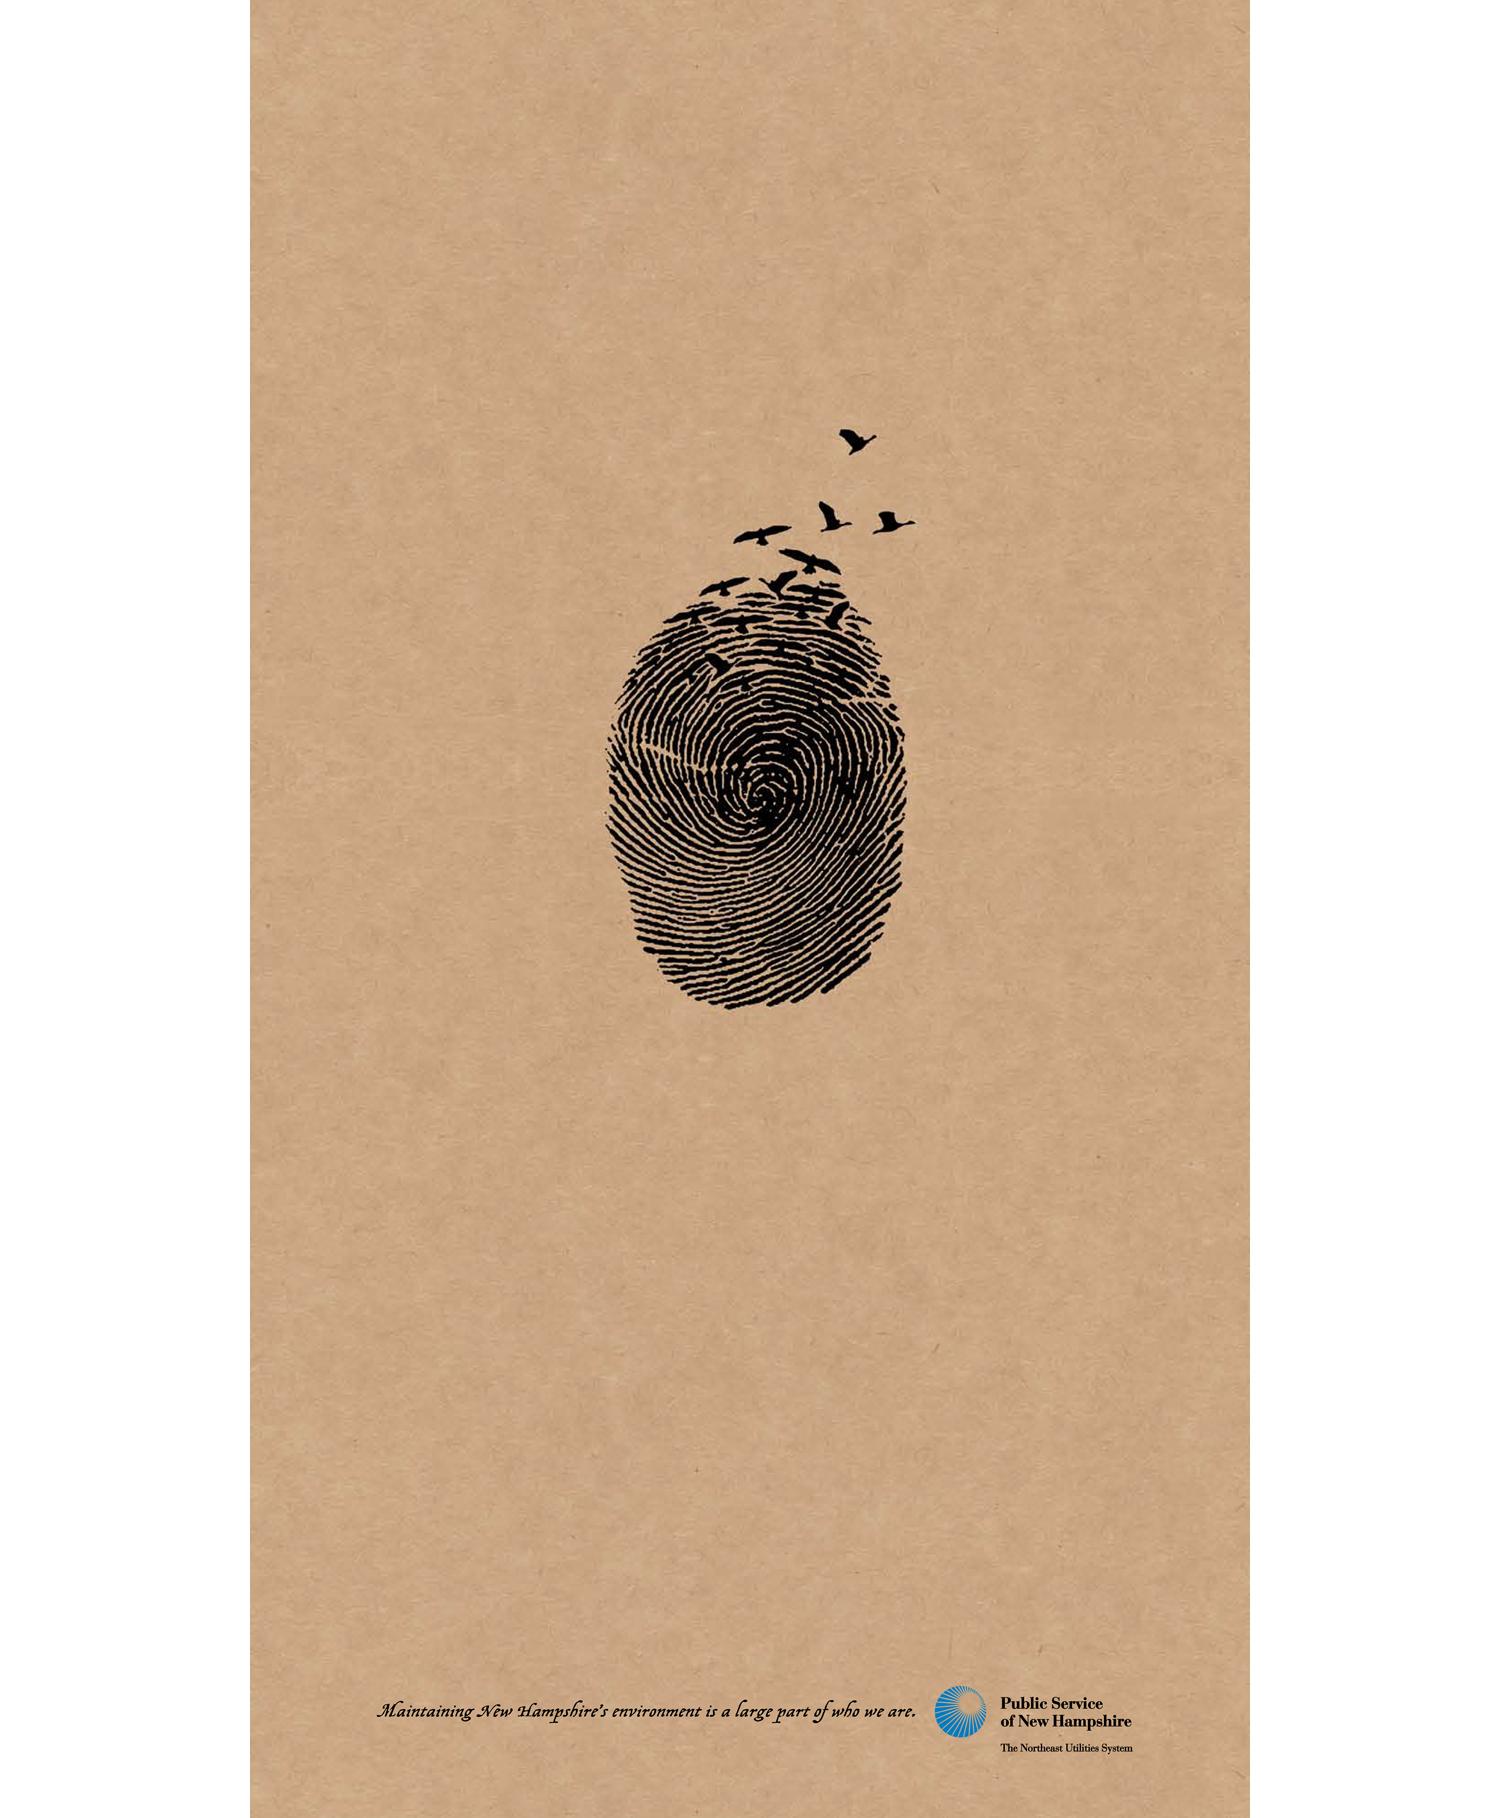 keith-manning-ad-psnh_fingerprints.png